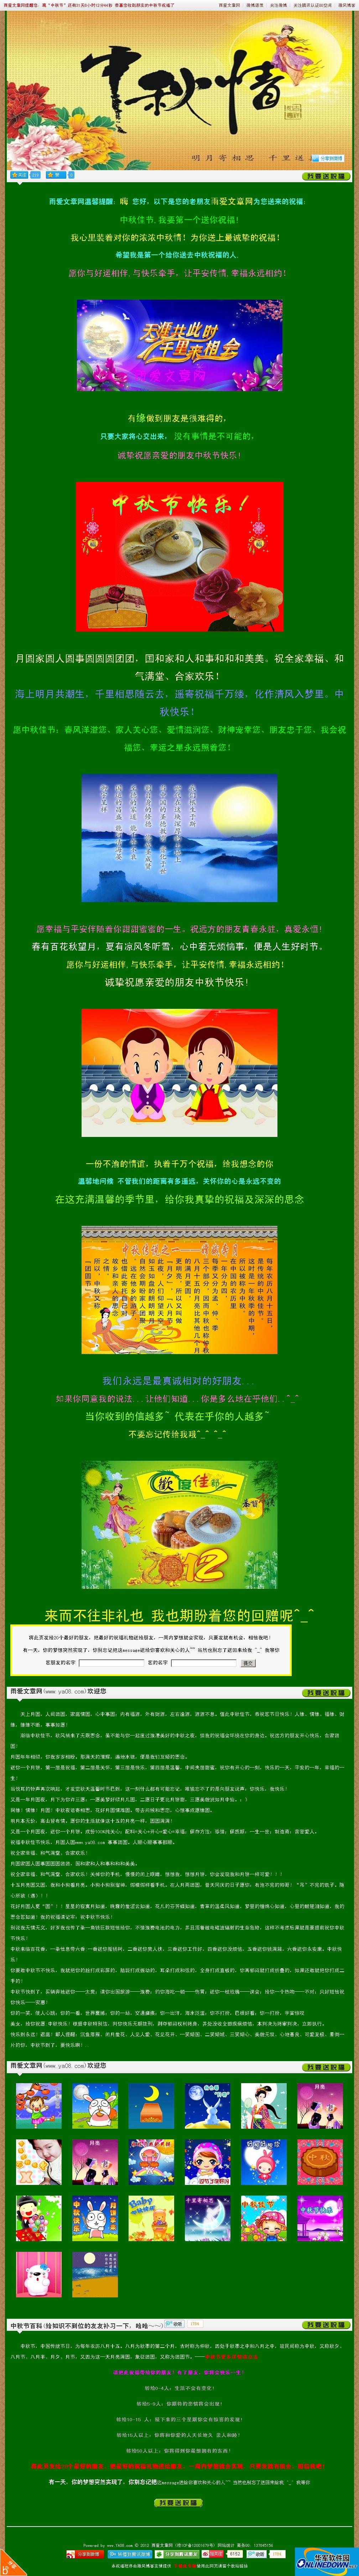 2012中秋节祝福网页 PC版